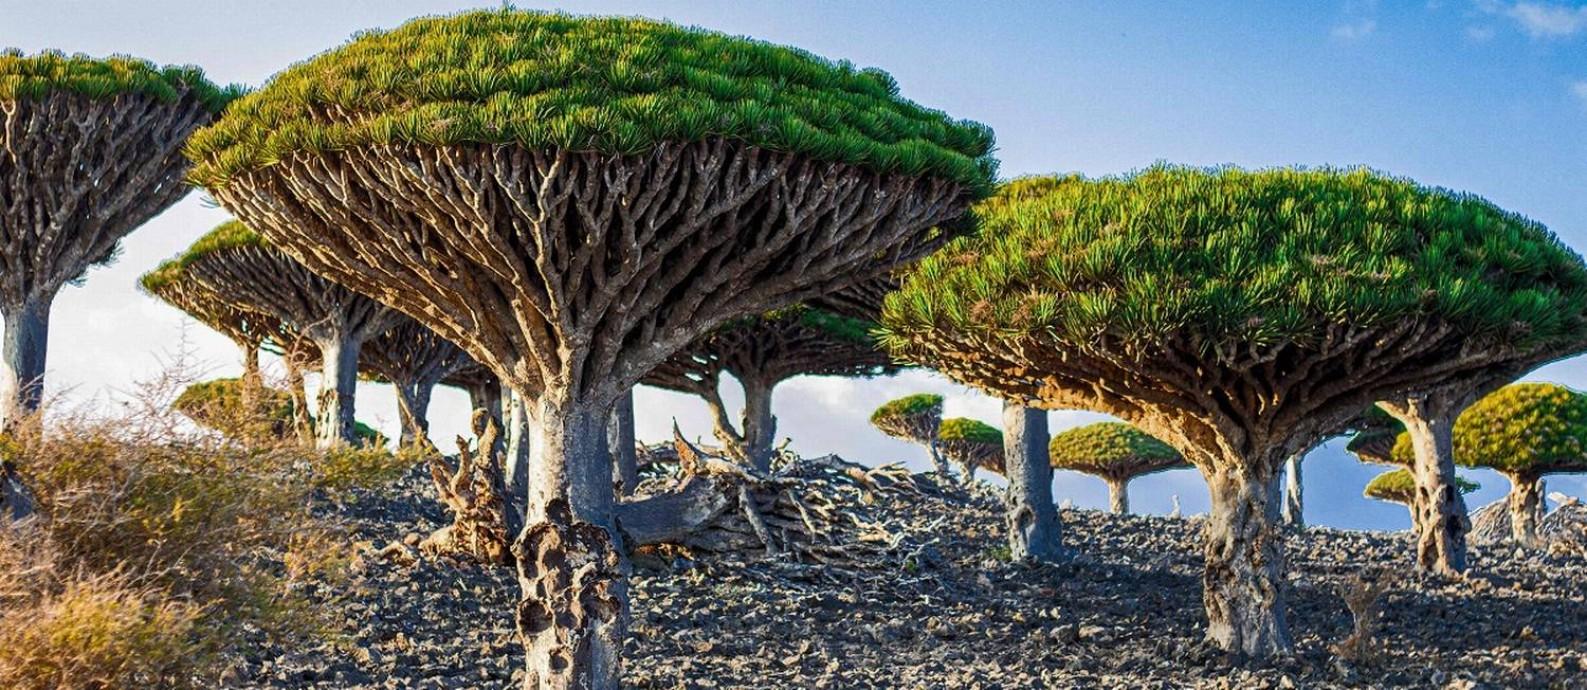 As inconfundíveis árvores Sangue de Dragão (Dracaena cinnabari) são nativas da Ilha de Socotra, do Iêmen, no Oceano Índico Foto: - / AFP